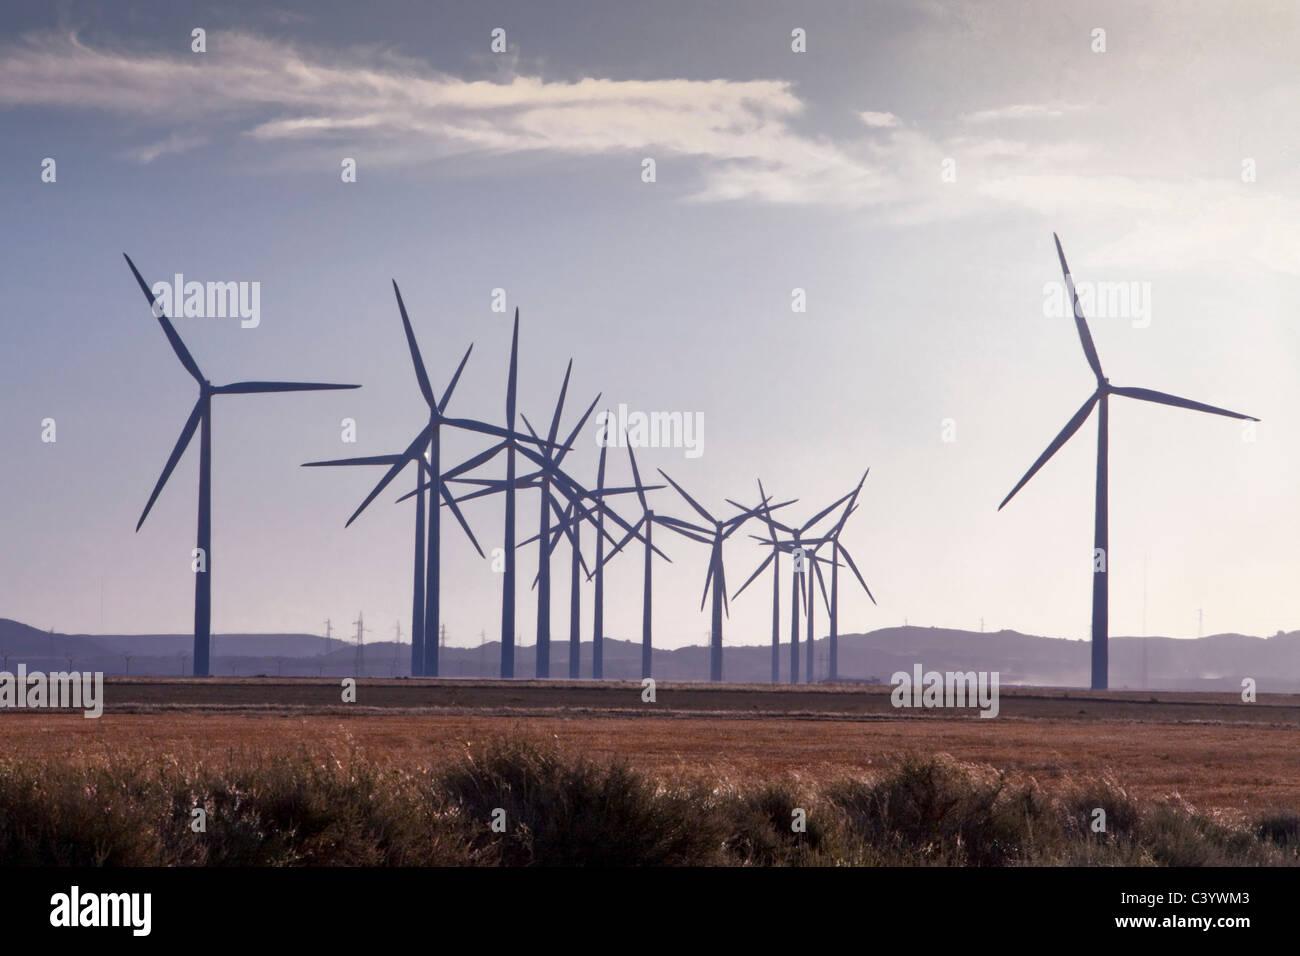 Spanien, Europa, Aragon, wind Farm, Windenergie, Windturbine, Energie, mit Belchite, ökologische Stockbild